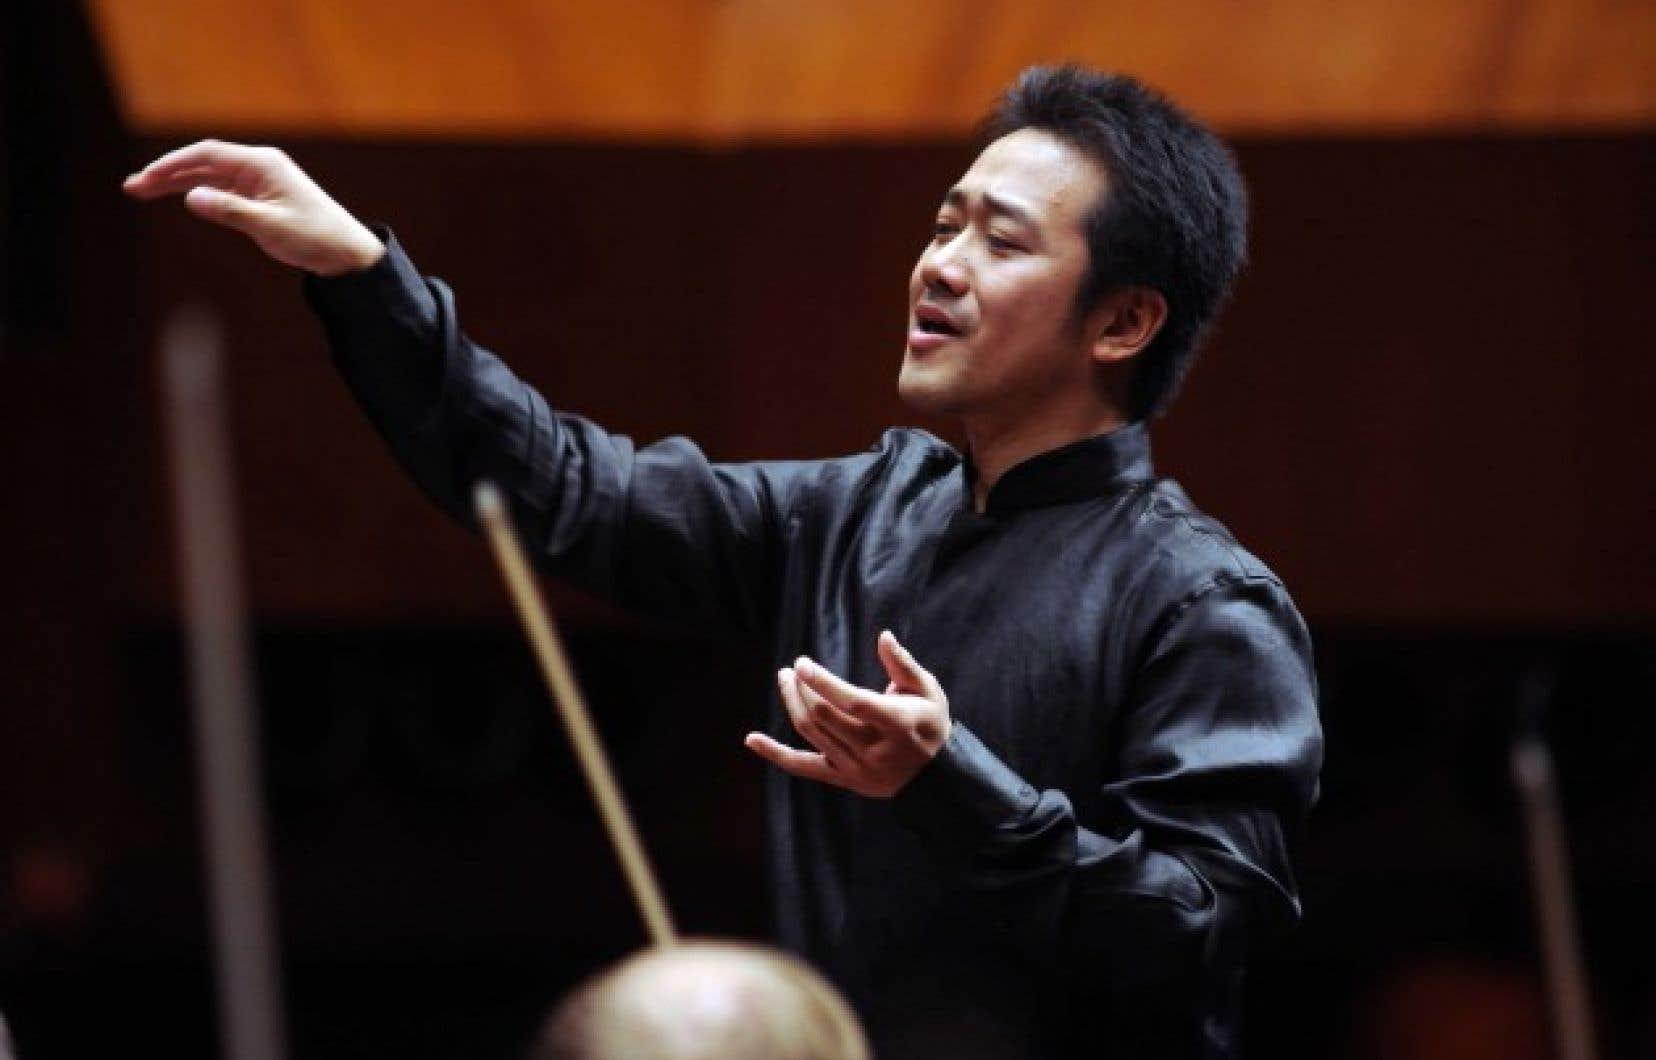 Le chef de l'Orchestre symphonique de Shenzhen, Daye Lin, a remporté le Concours Georg Solti en 2012.